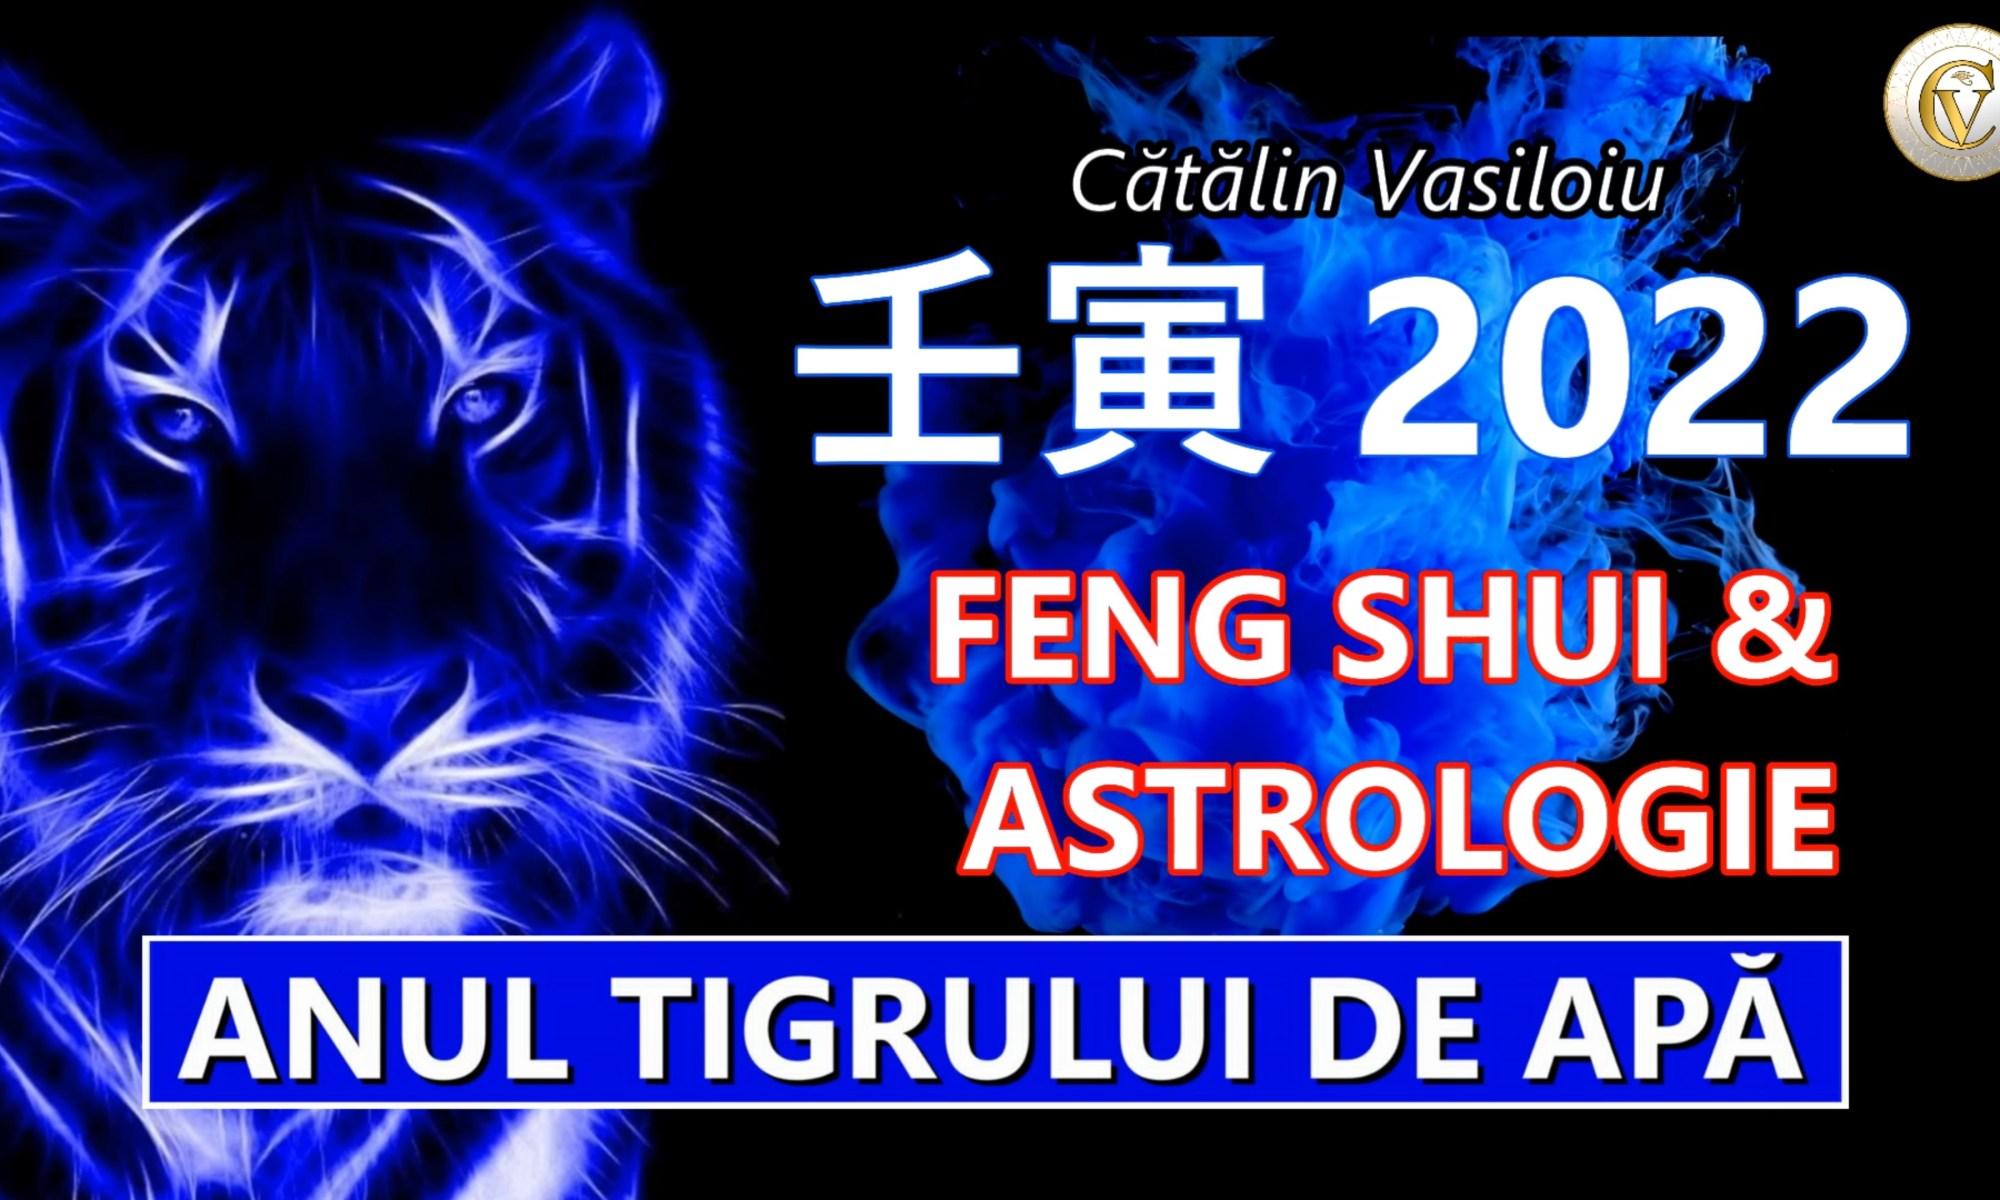 FSA 2022 Tigrul de Apă